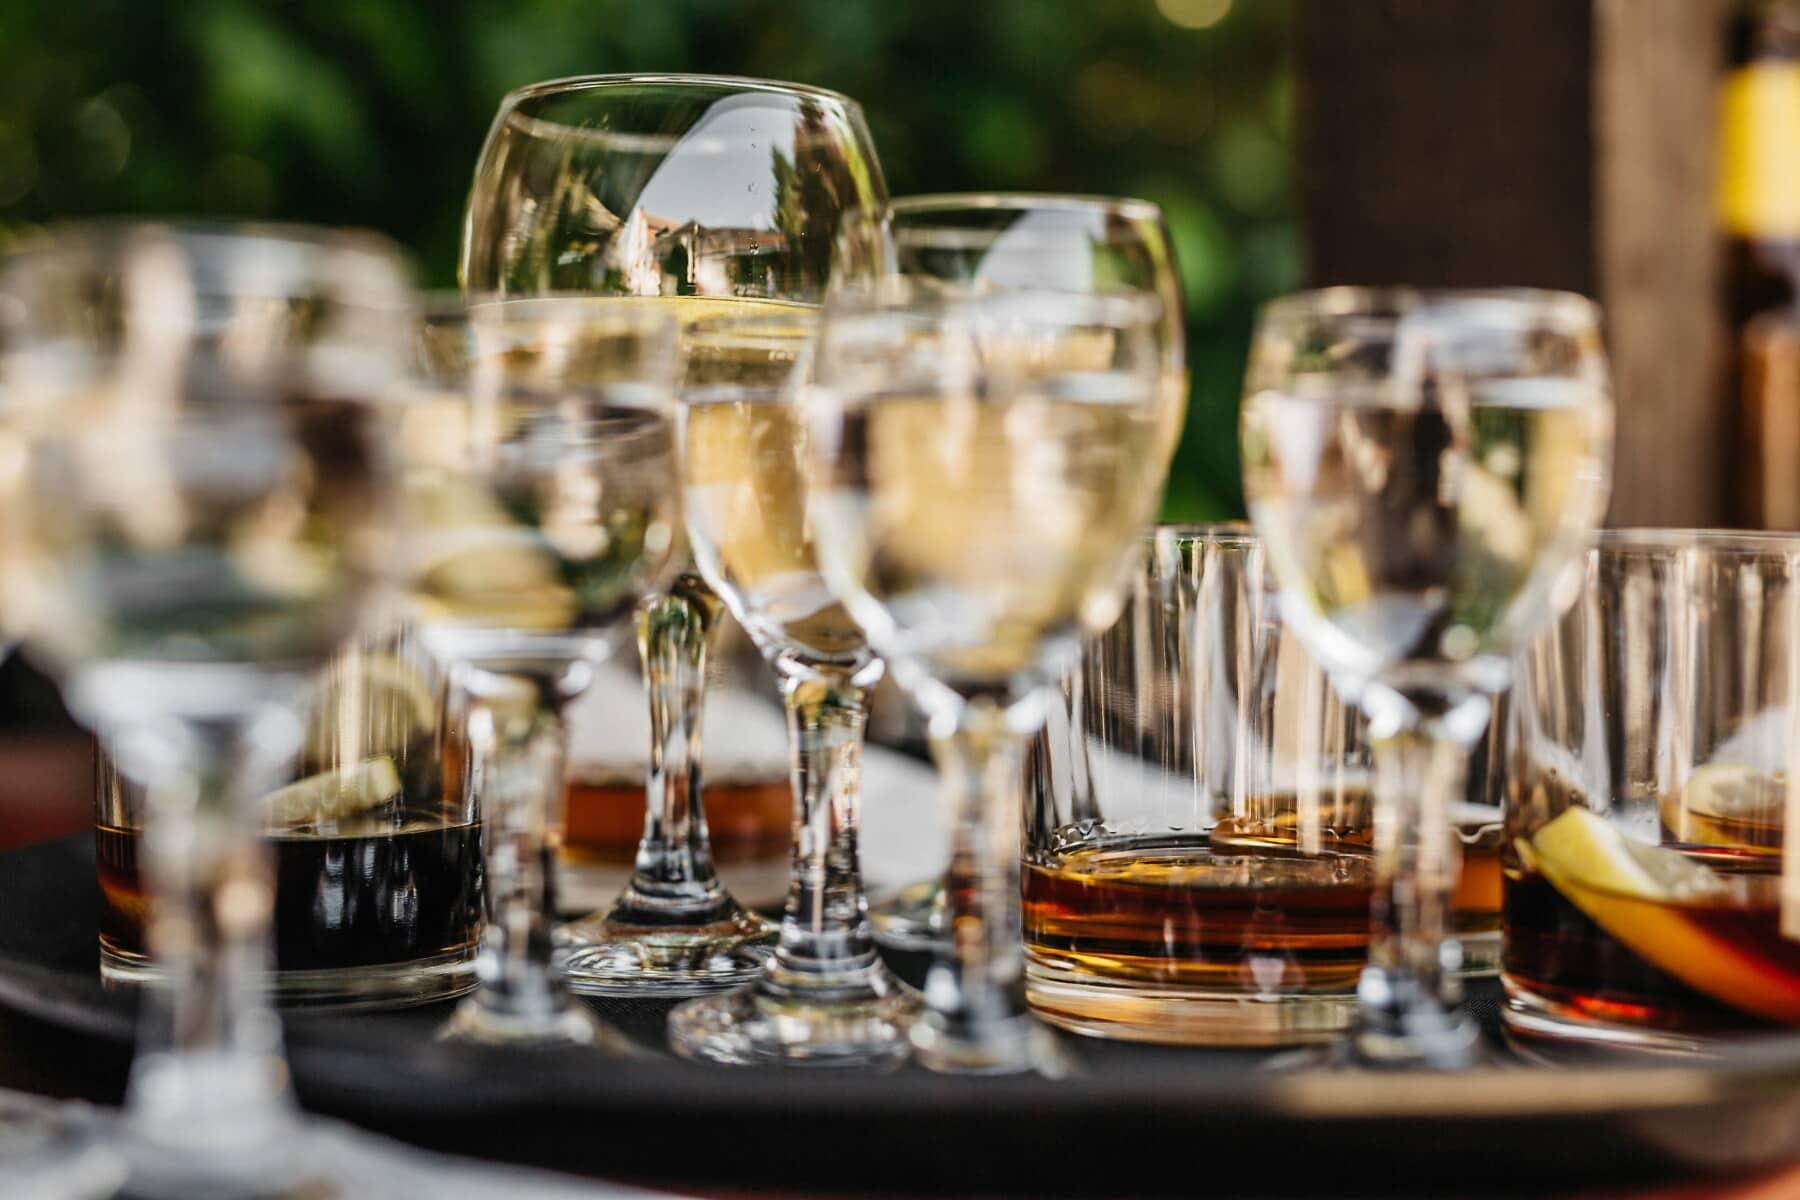 вино, партия, бяло вино, коктейли, стъкло, алкохол, напитка, напитки, празник, шампанско